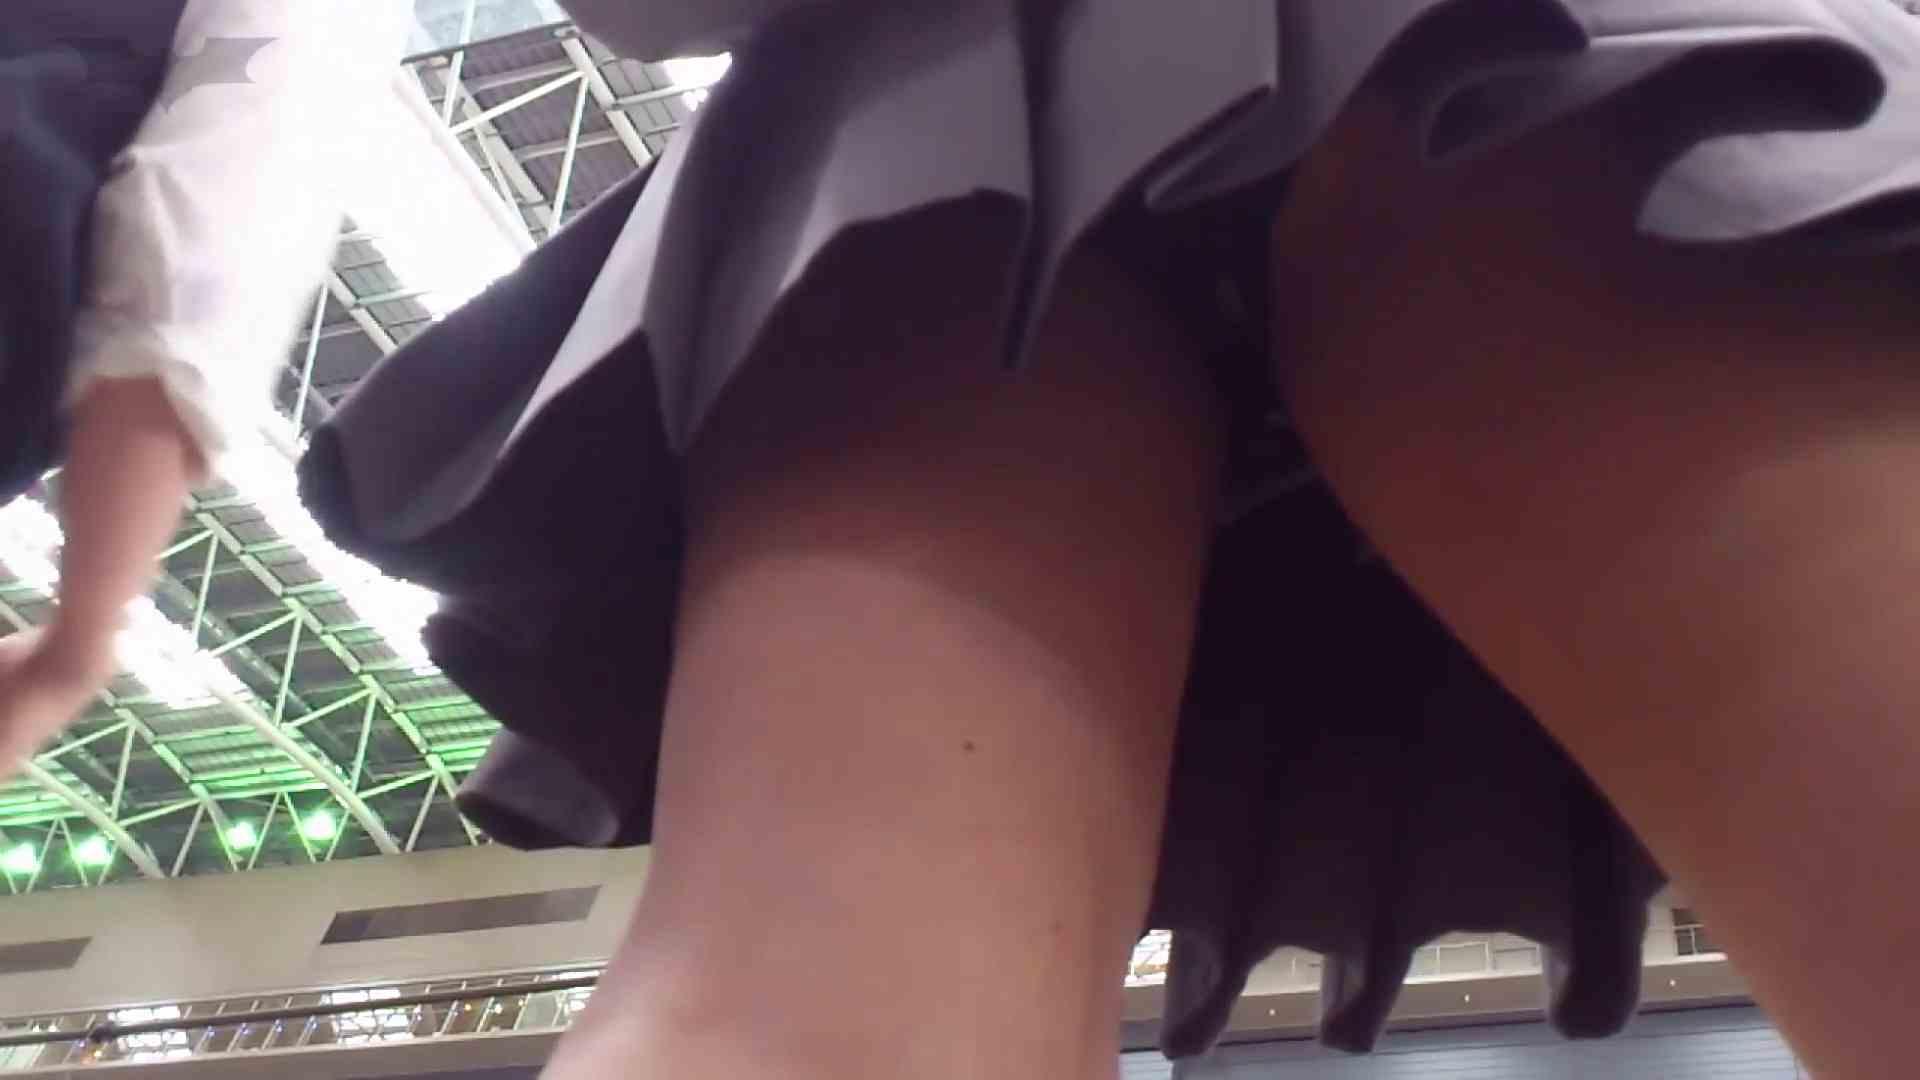 盗撮列車 vol.05 制月反のスカートの中が…見たいです。 OLの実態 盗撮アダルト動画キャプチャ 42pic 2